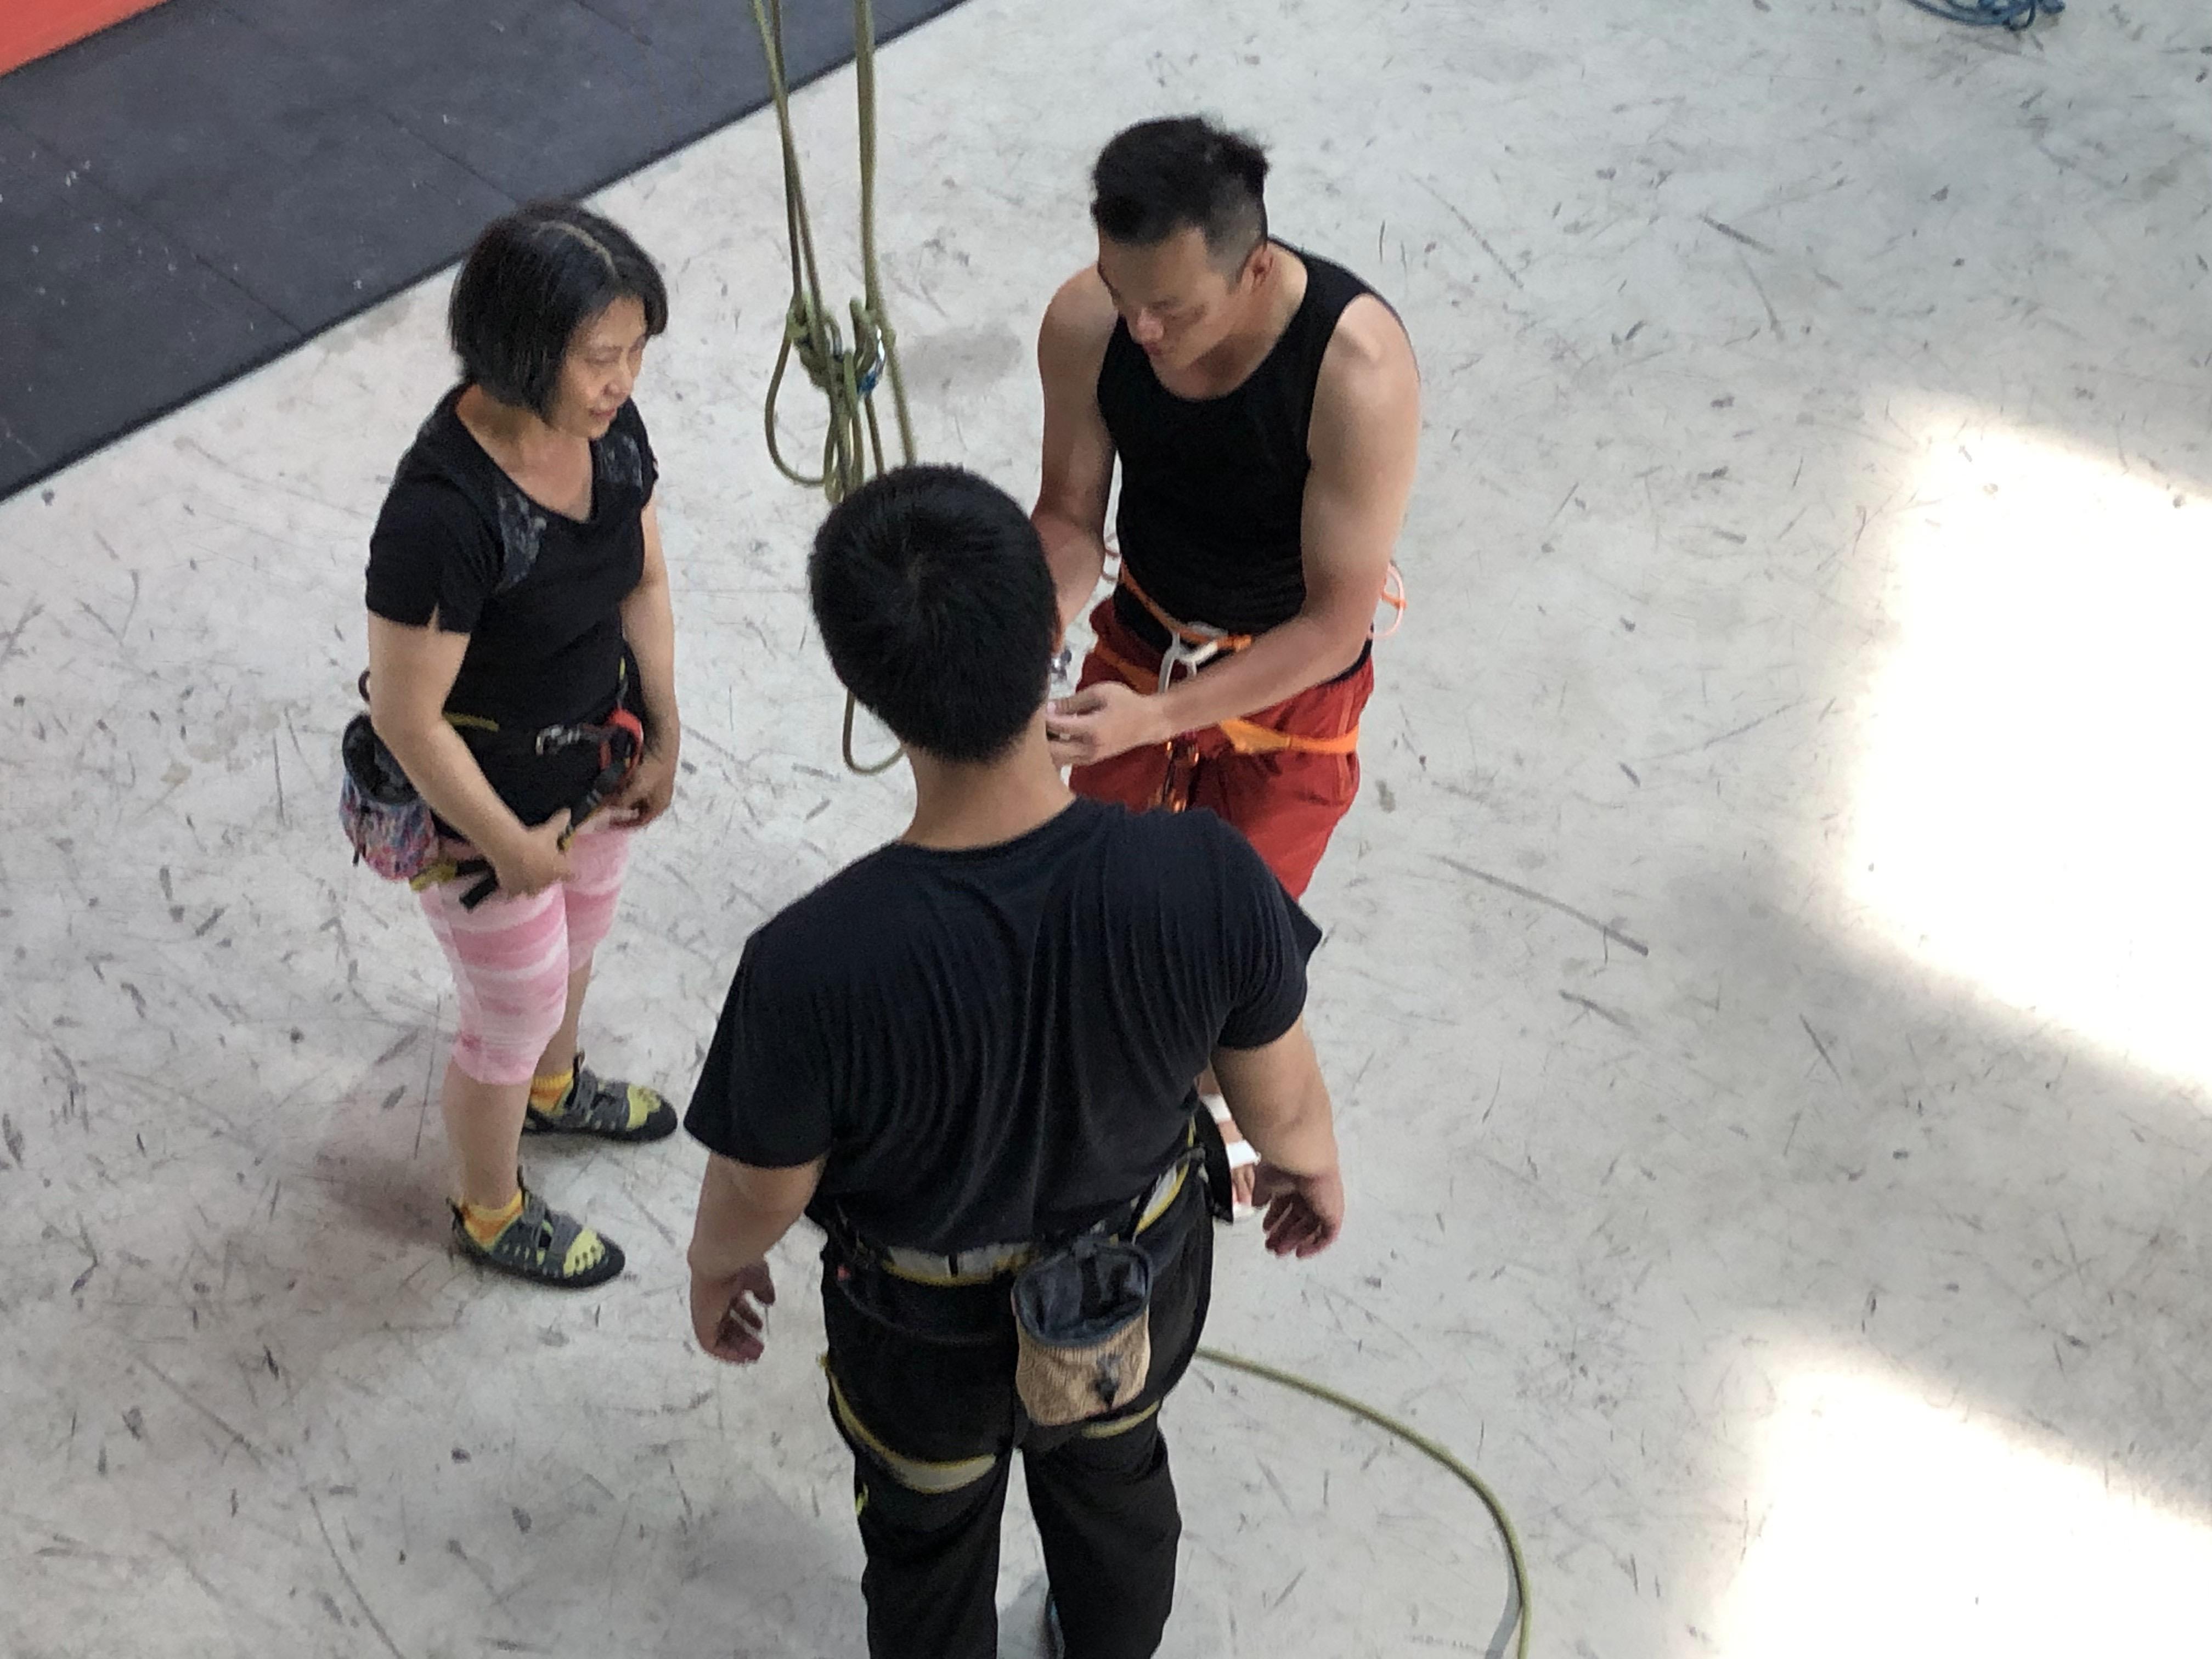 【好玩地點】 假日帶媽媽去哪玩?室內攀岩初體驗 台中Dapro室內攀岩場(教練確保50分鐘) 4